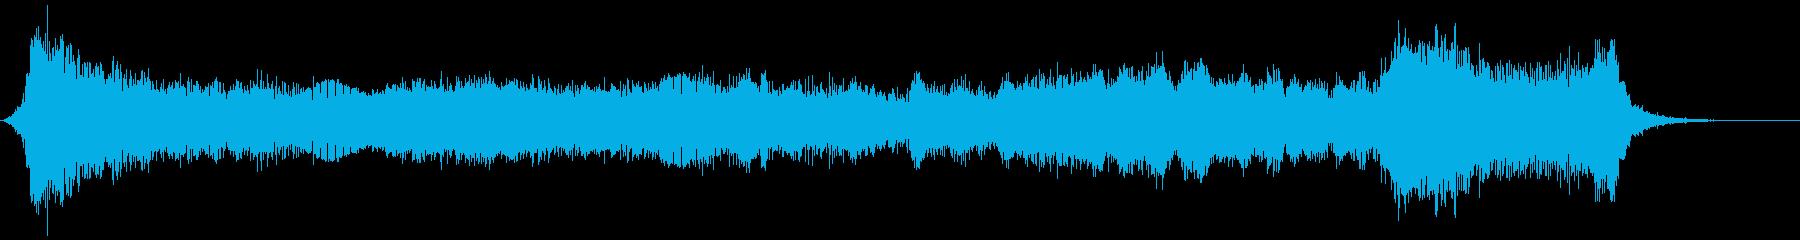 ハロウィン向け15秒ジングル オルガン2の再生済みの波形